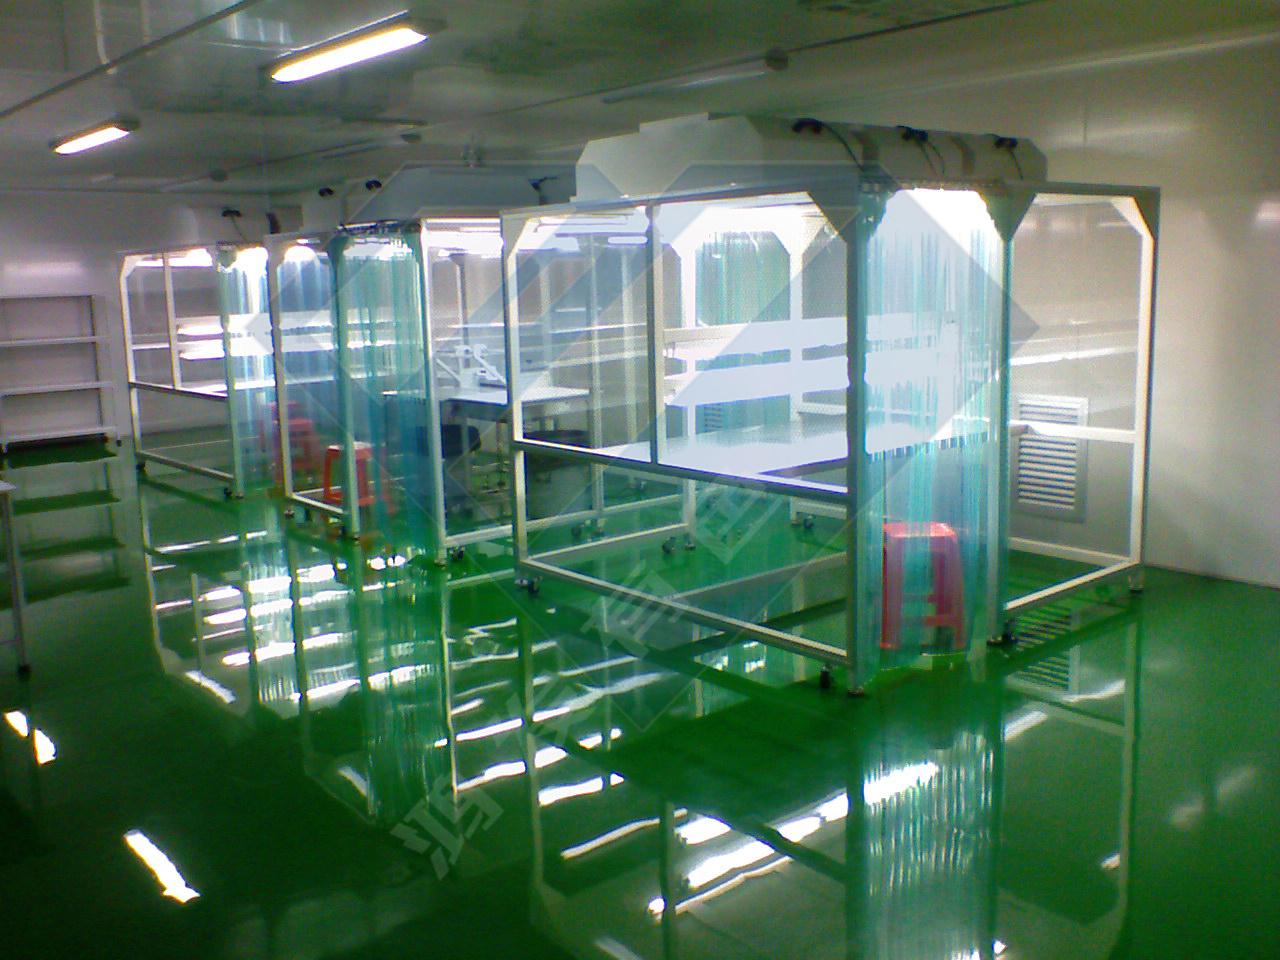 厂家承接小型无尘室隔断 洁净棚工程定制  铝型材搭建无尘棚